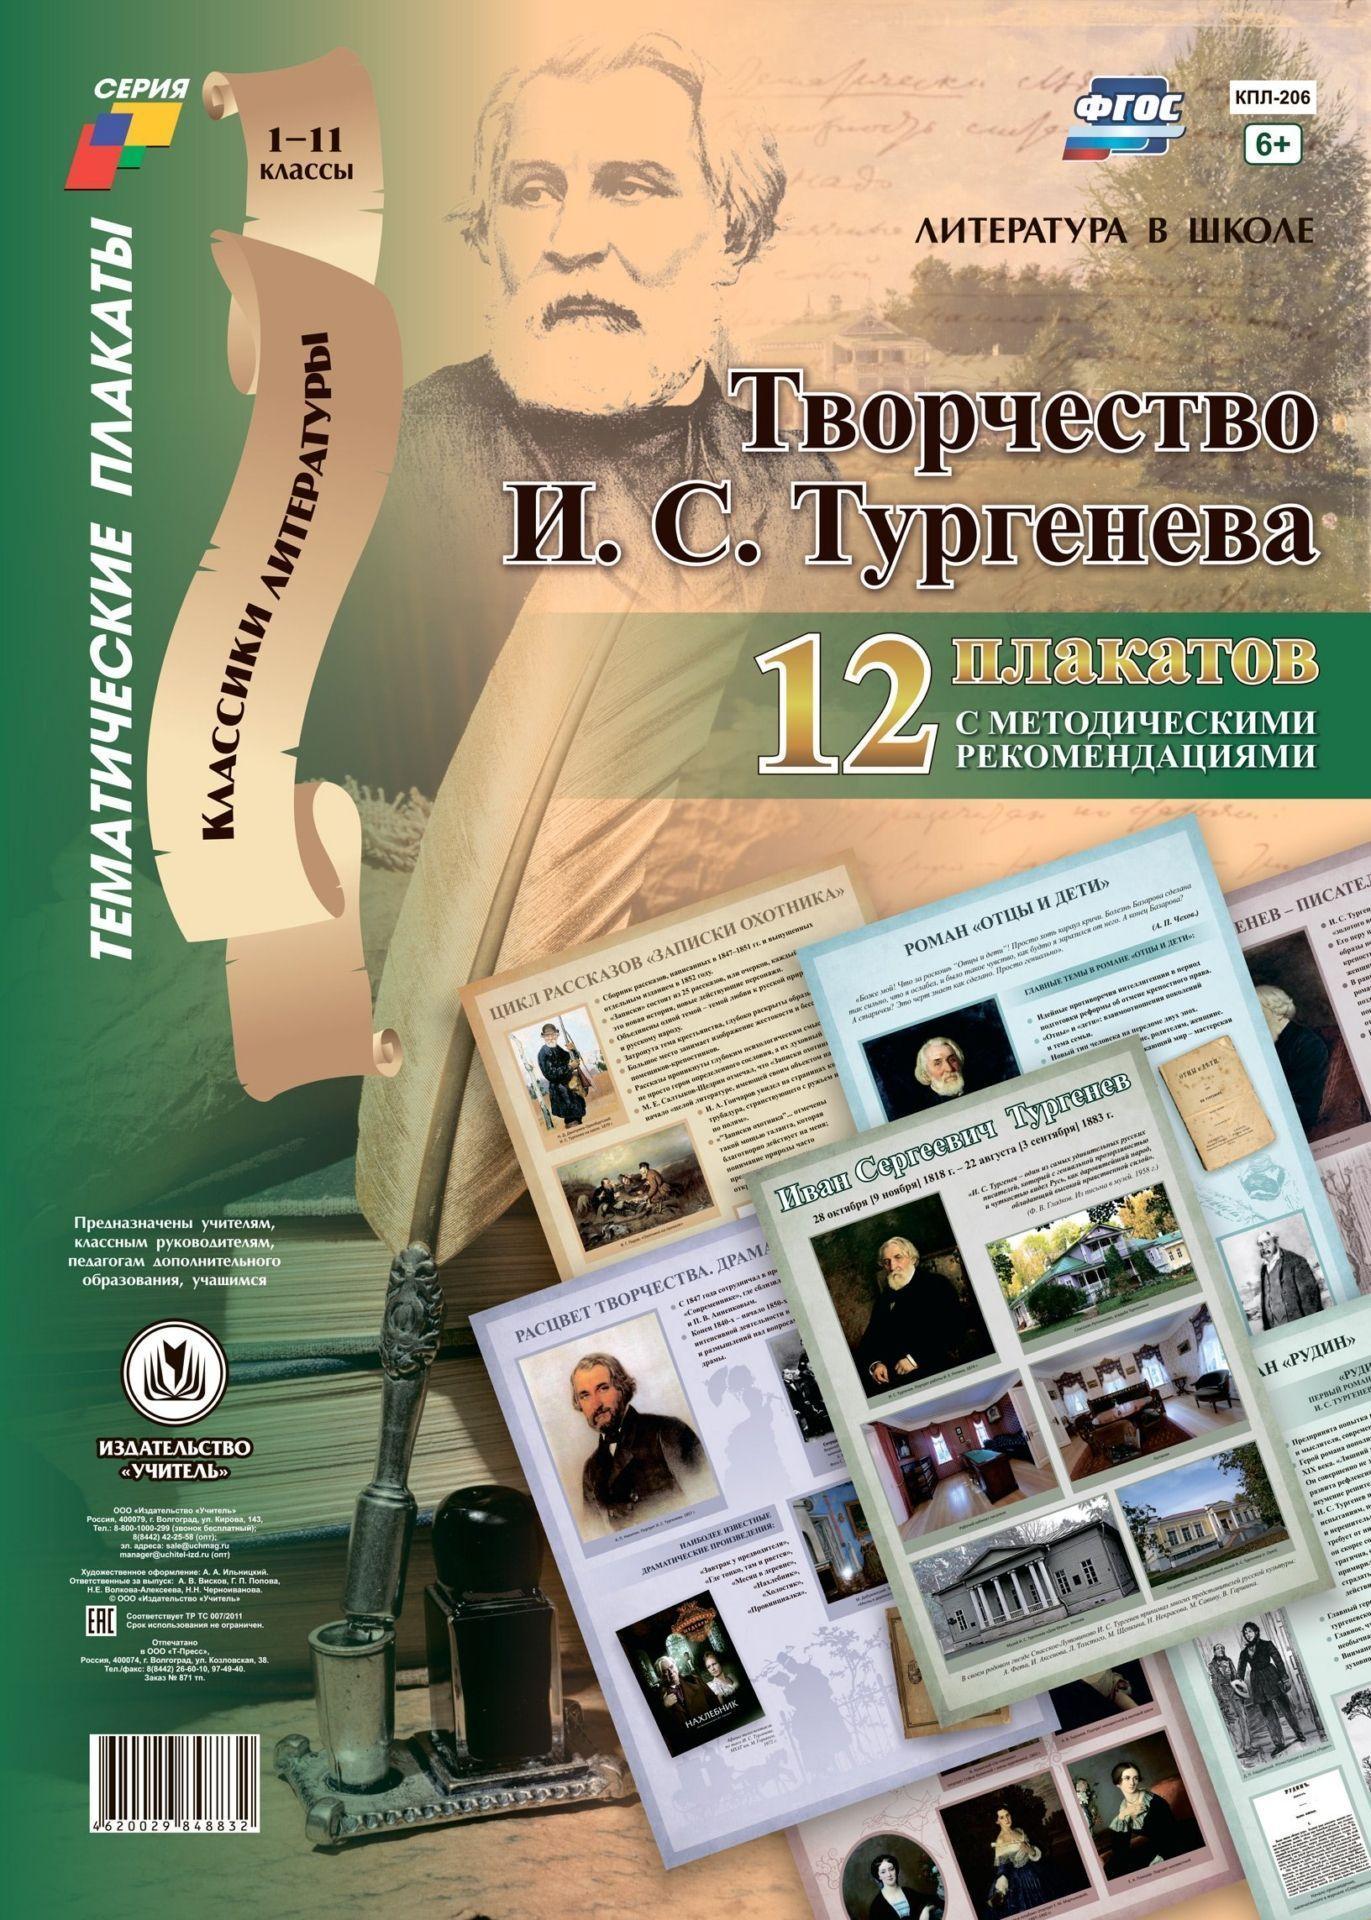 """Купить со скидкой Комплект плакатов """"Творчество И.С. Тургенева"""": 12 плакатов с методическими рекомендациями"""